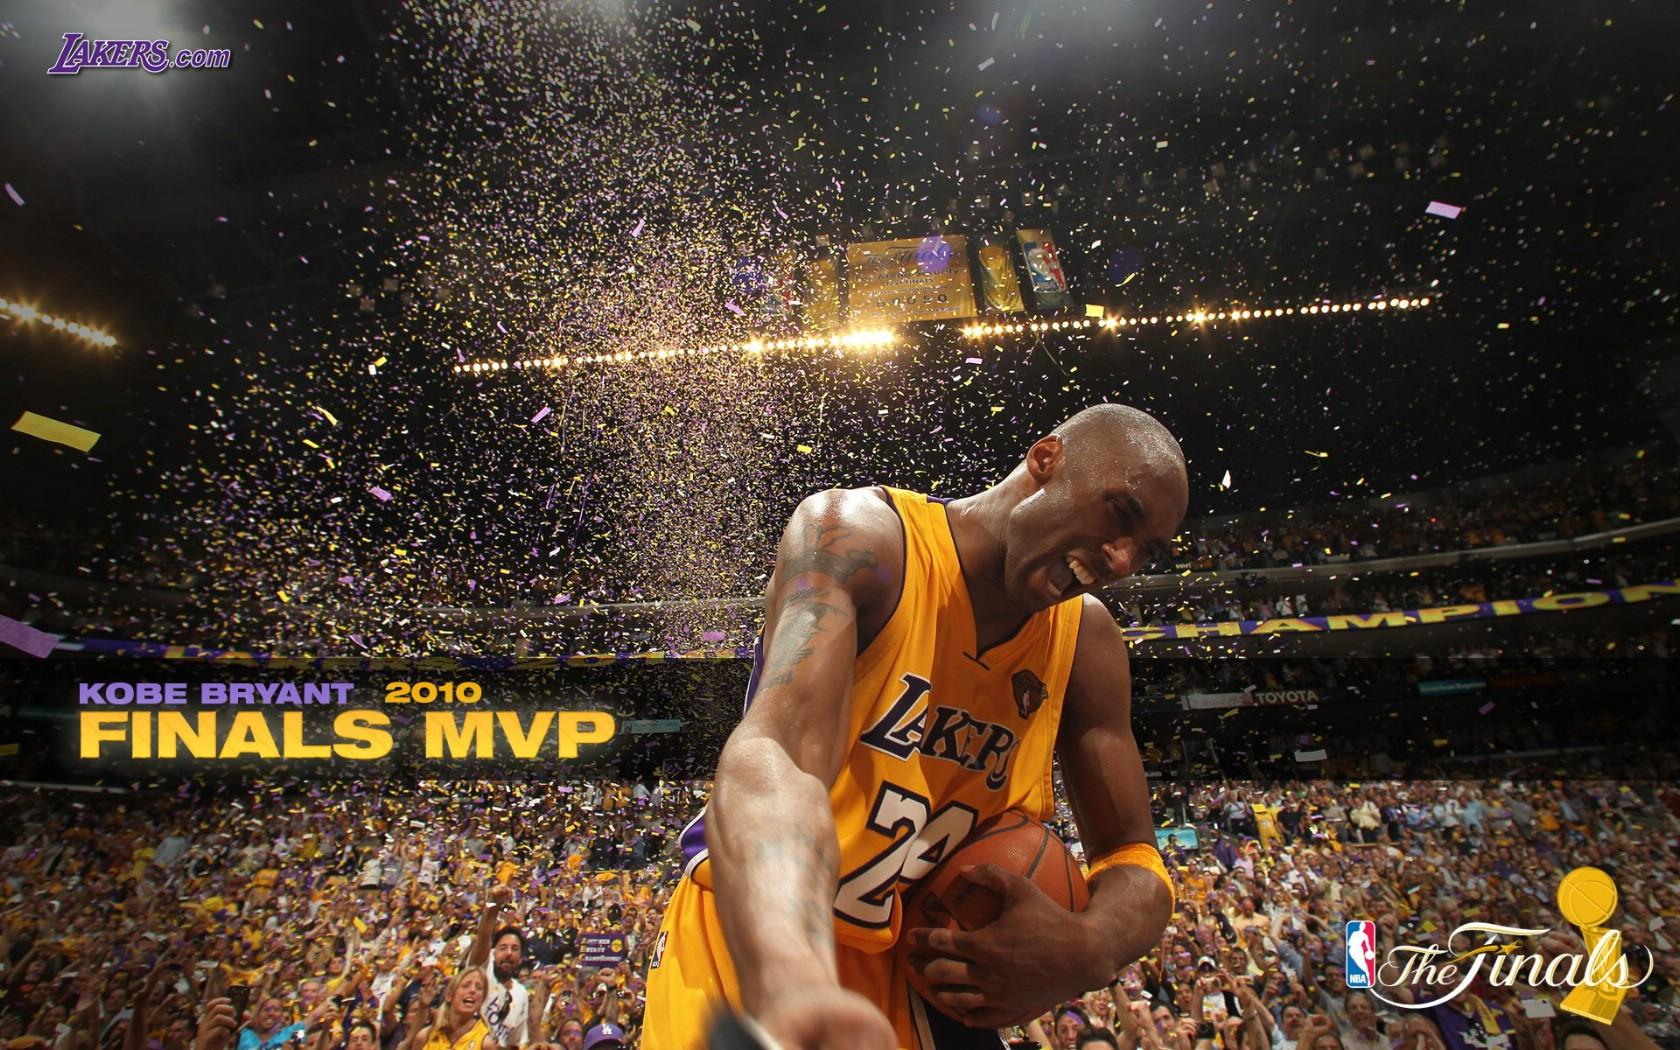 壁纸1680×1050洛杉矶湖人 2010NBA季后赛和总决赛冠军壁纸 Kobe Bryant Finals MVP ...